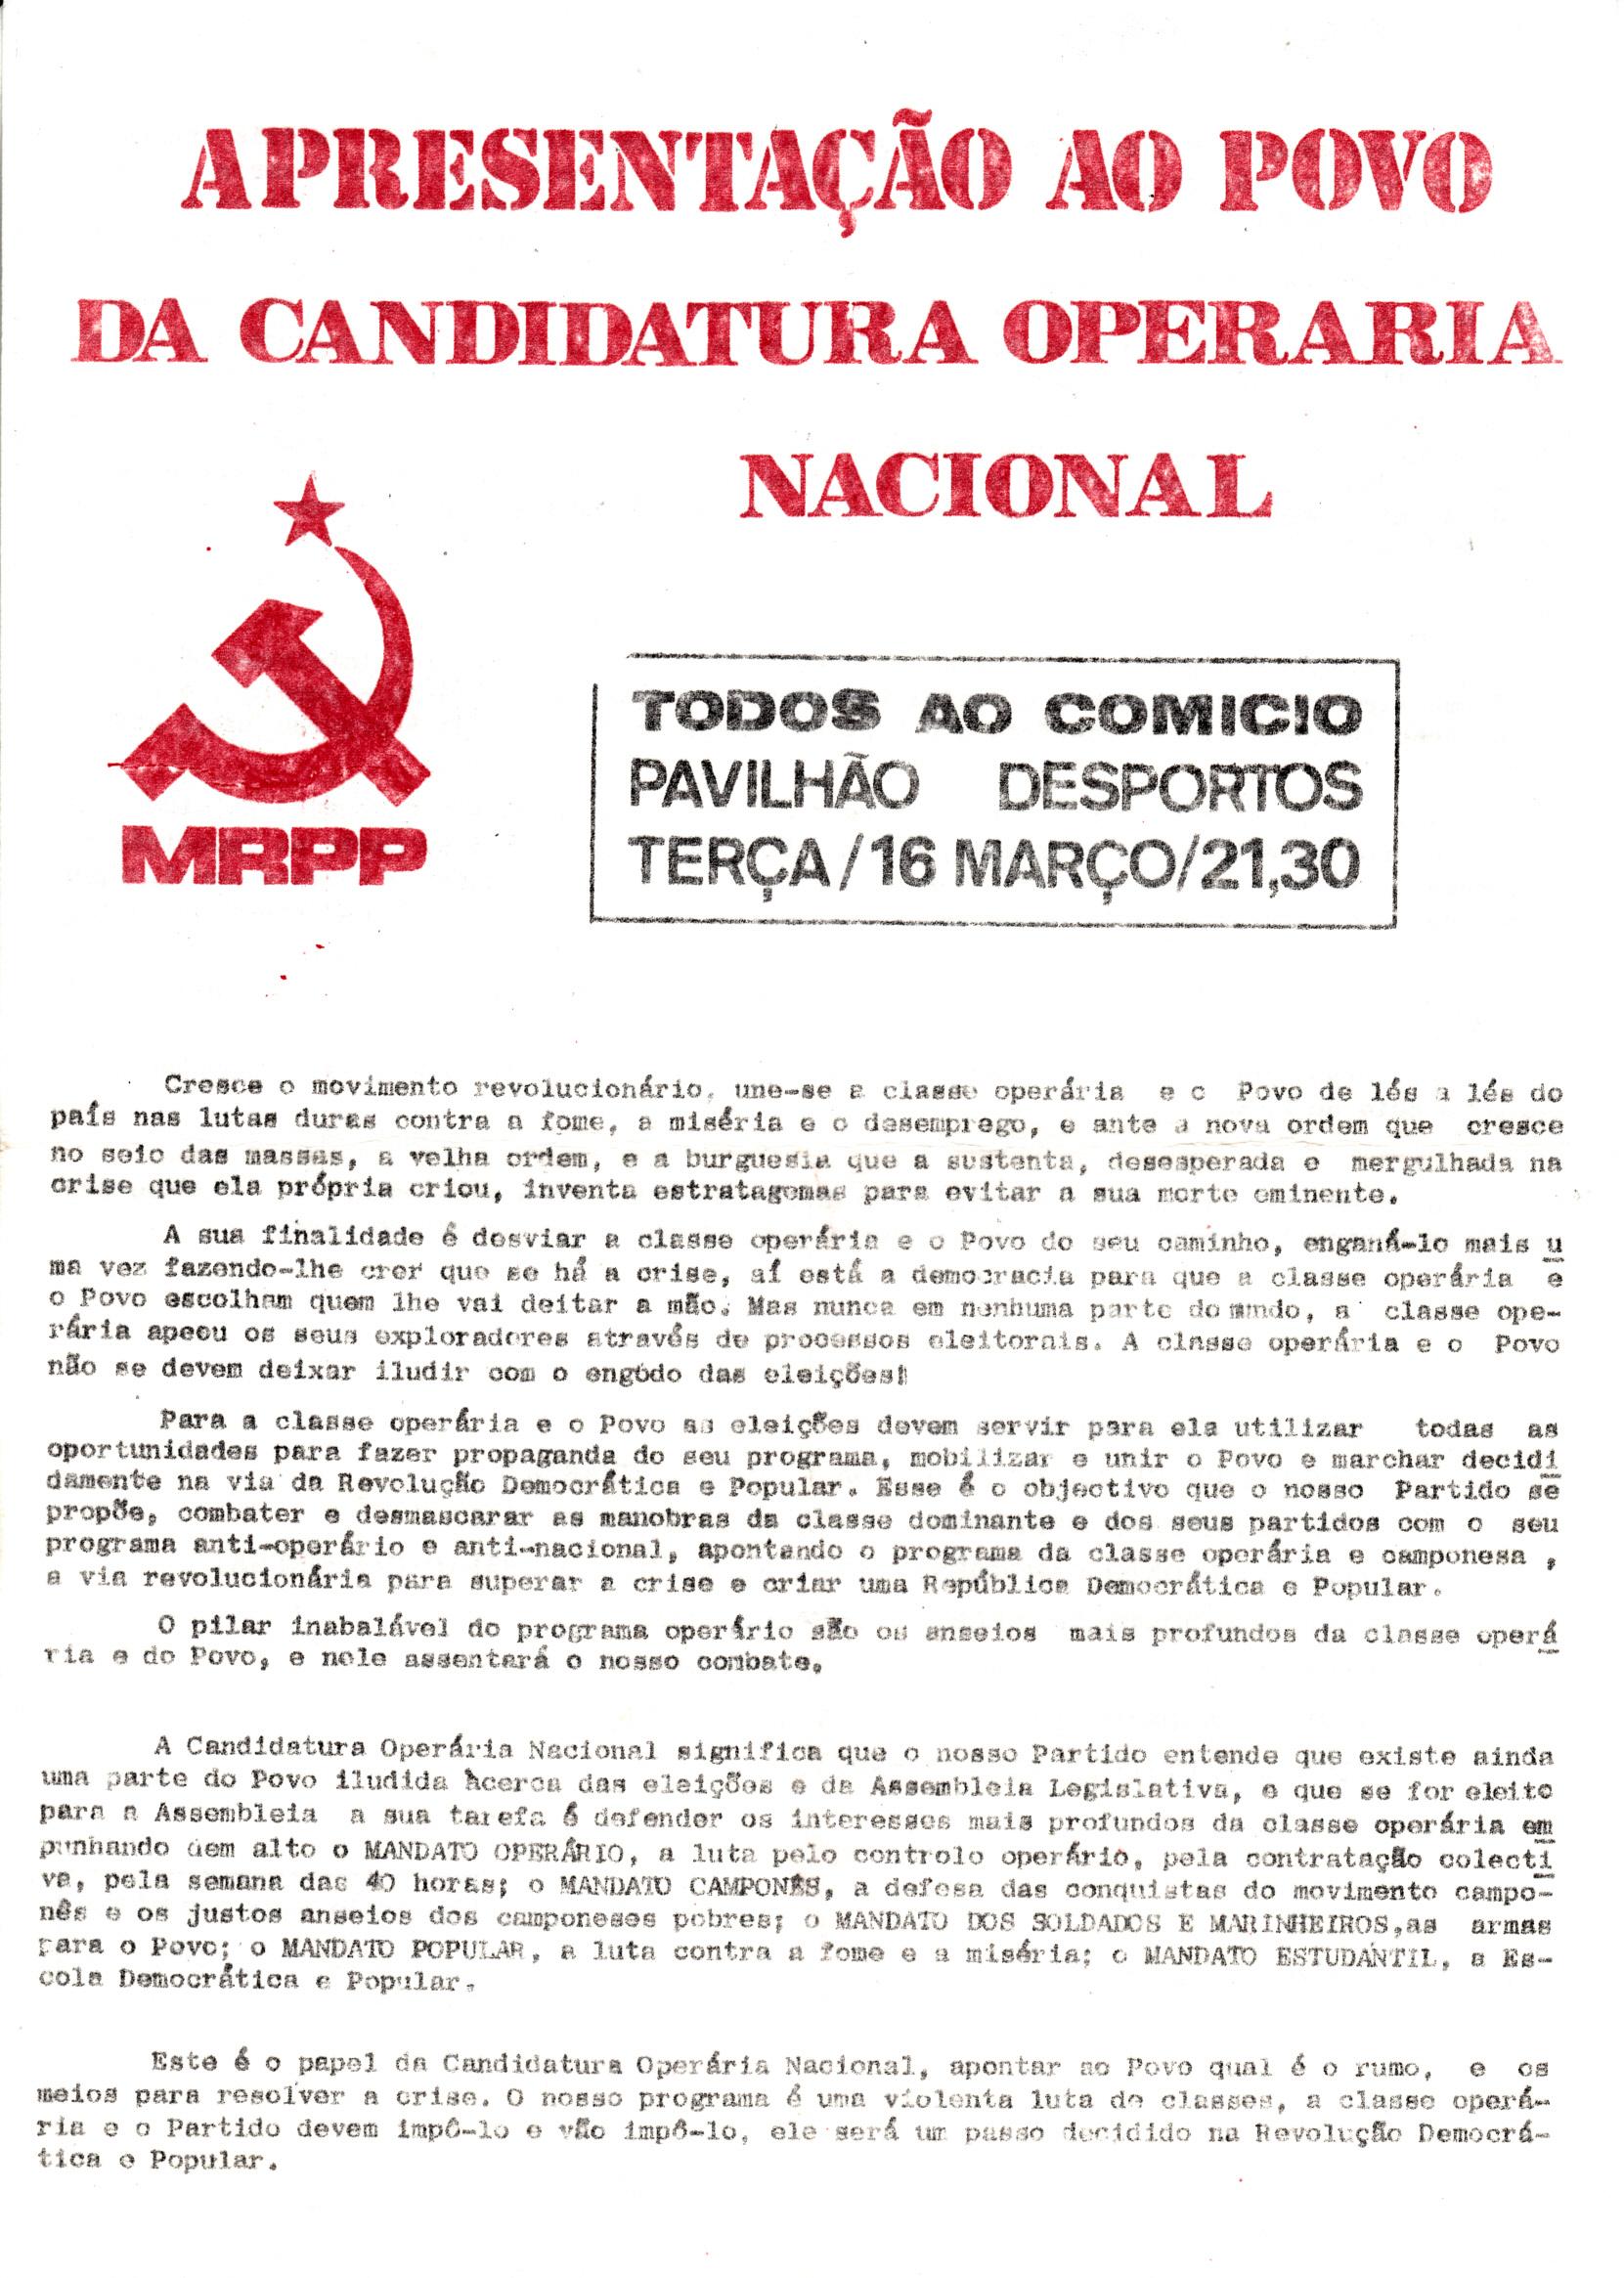 MRPP_1976_03_11_0005